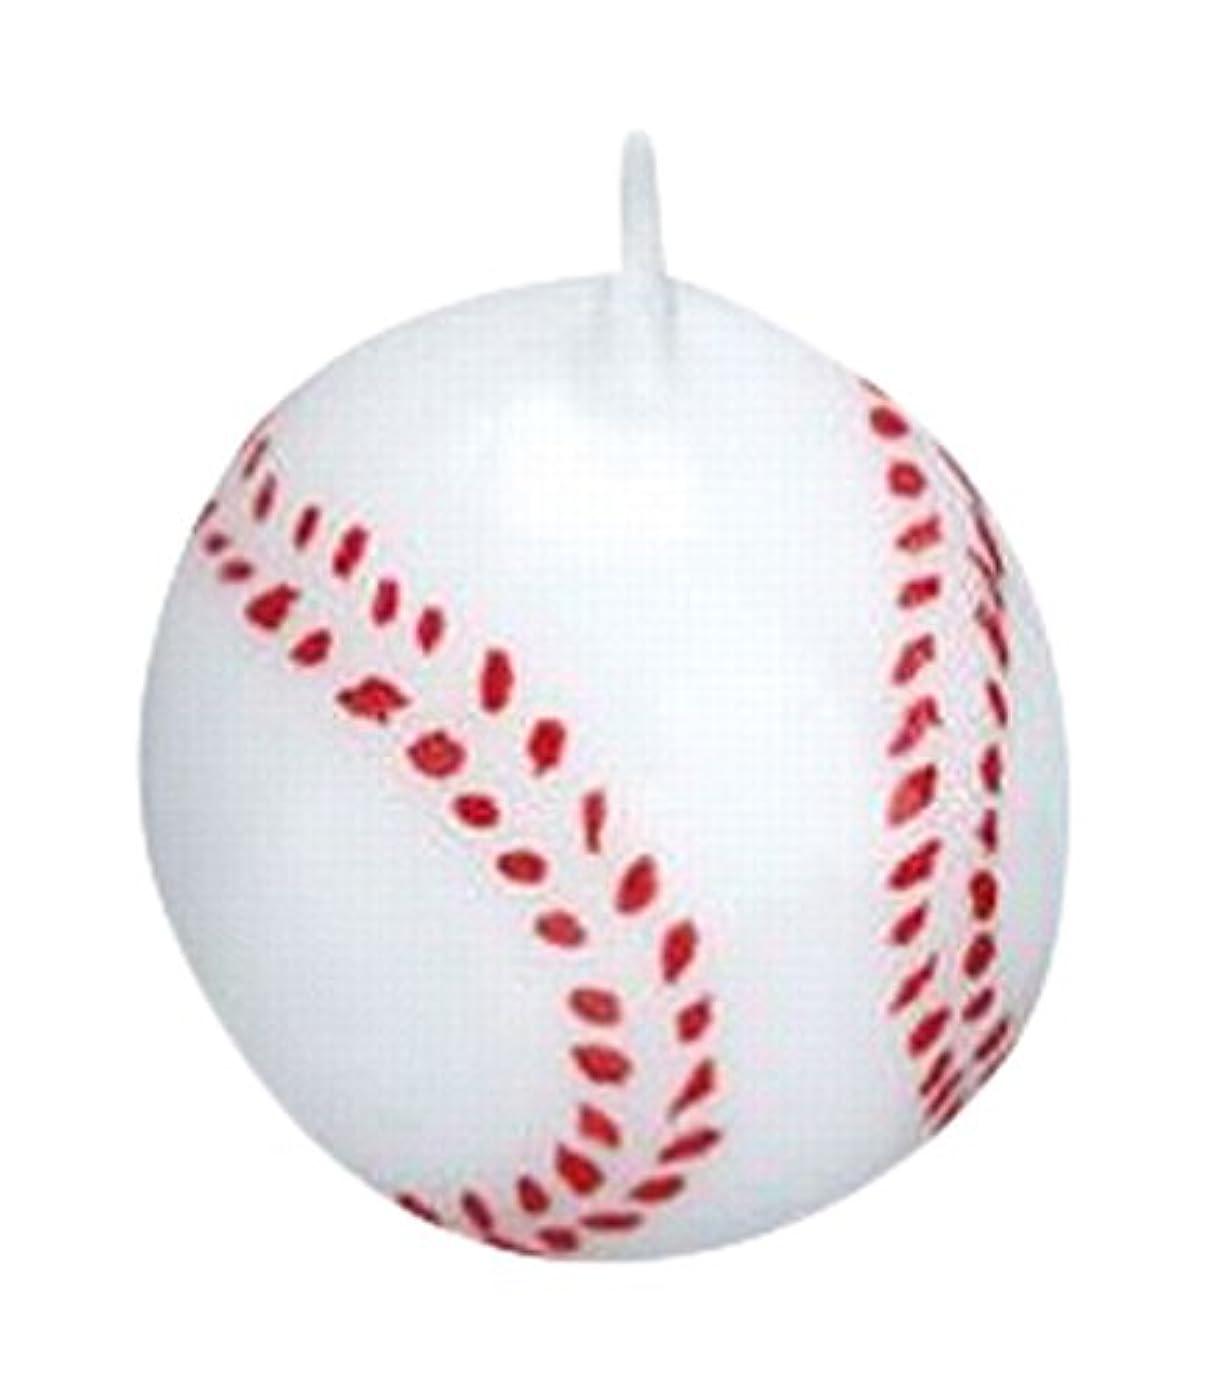 実験室同情硬いベースボール3個入り キャンドル 10個セット 55220040